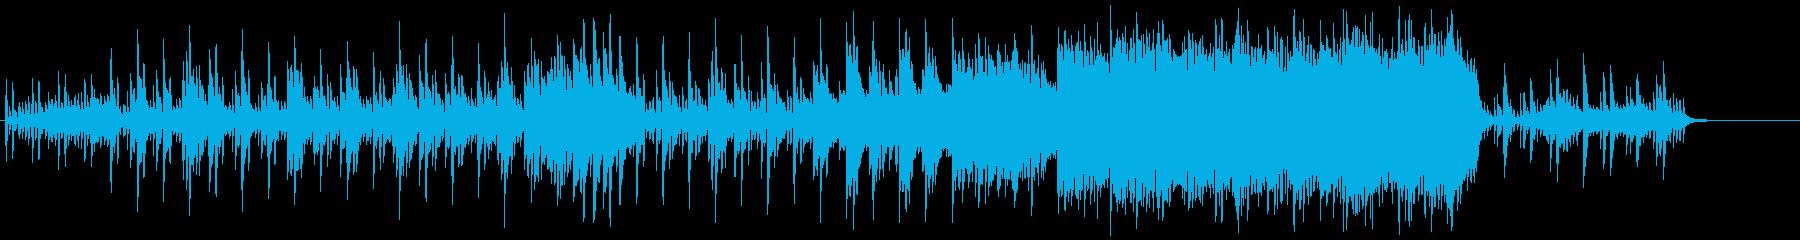 ピアノ主体の和風ホラー、伝奇系 2の再生済みの波形